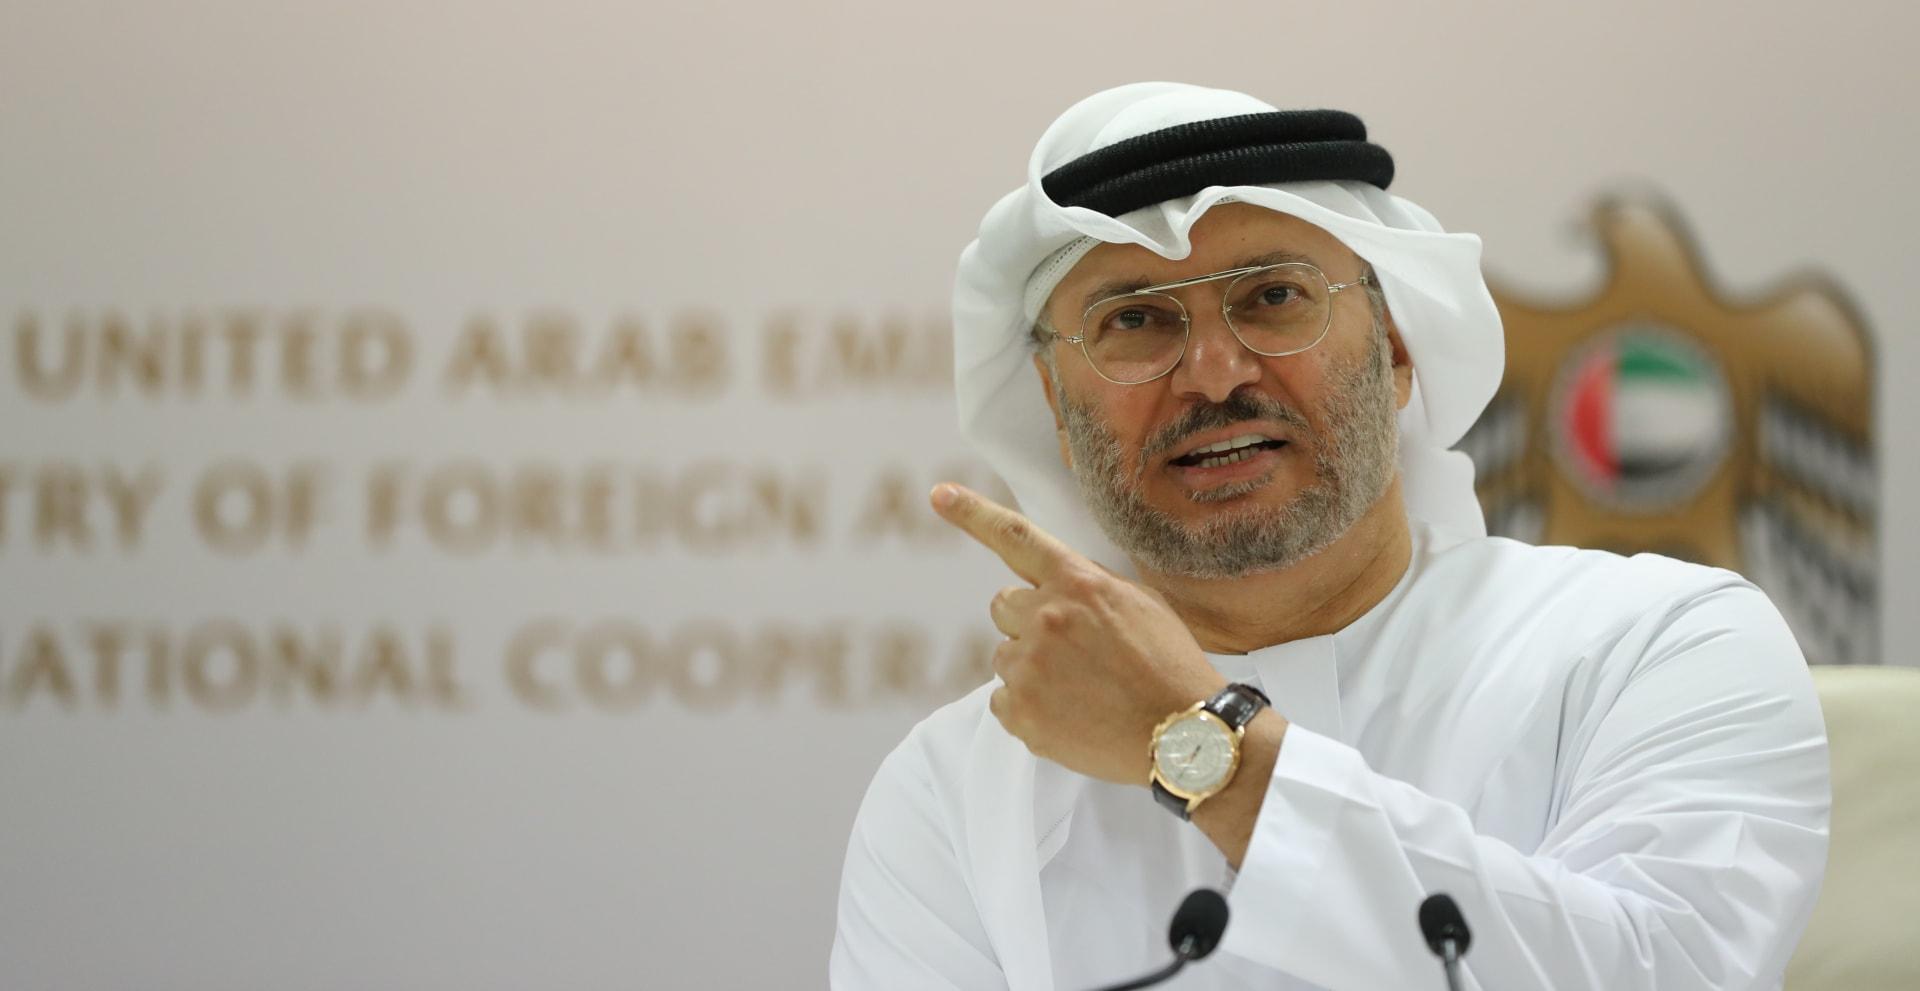 قرقاش حول دعوة أمير قطر لمجلس التعاون الخليجي : المجلس وبرغم أزمة قطر مستمر